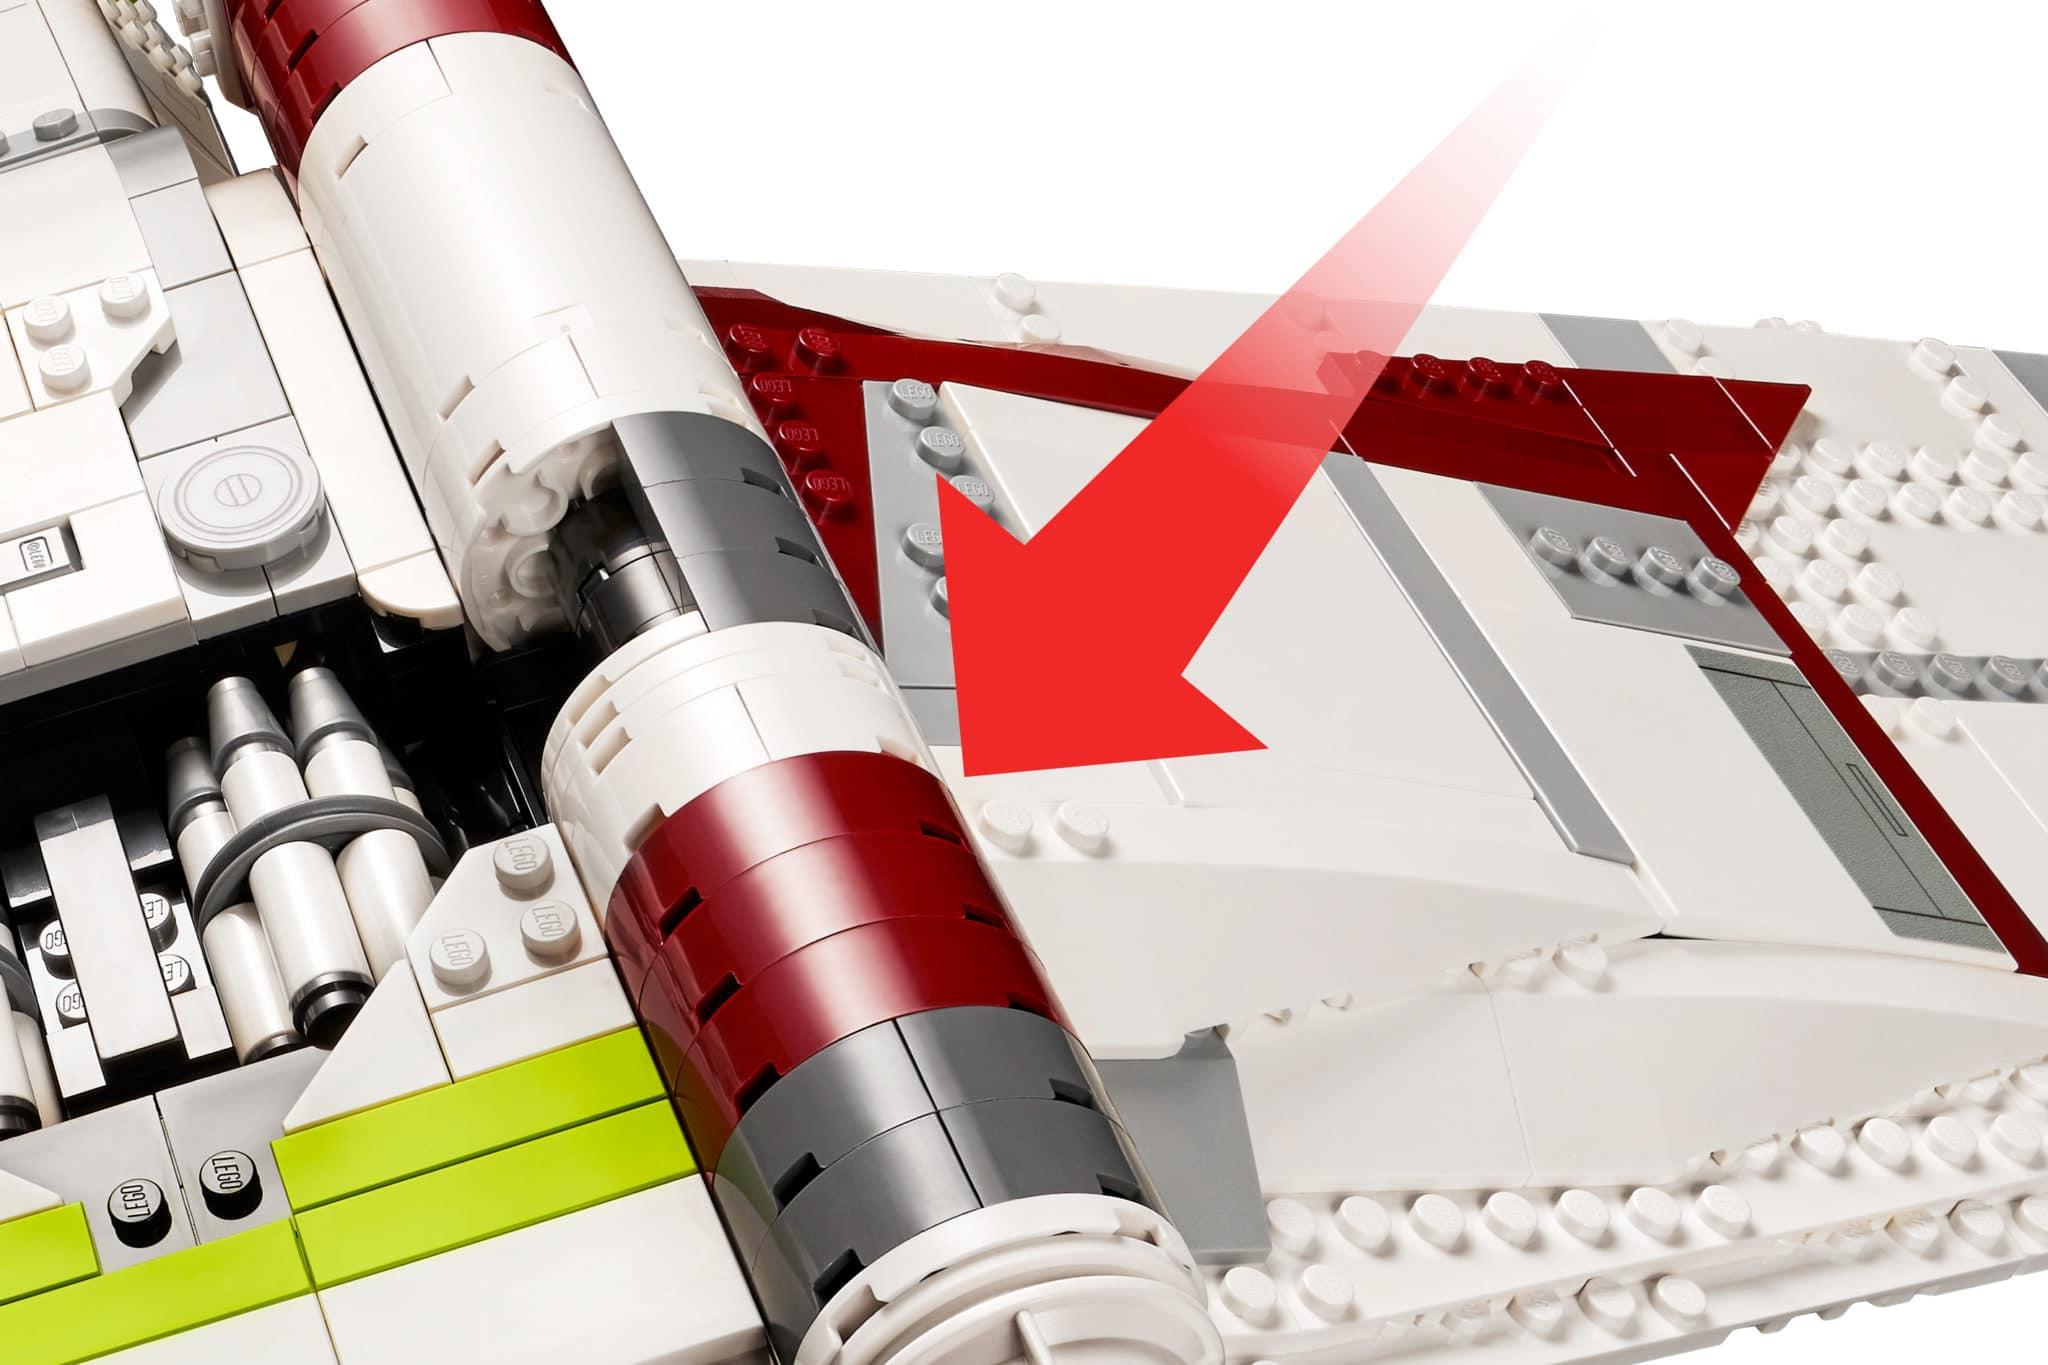 LEGO Star Wars 75309 Gunship Neue Teile06